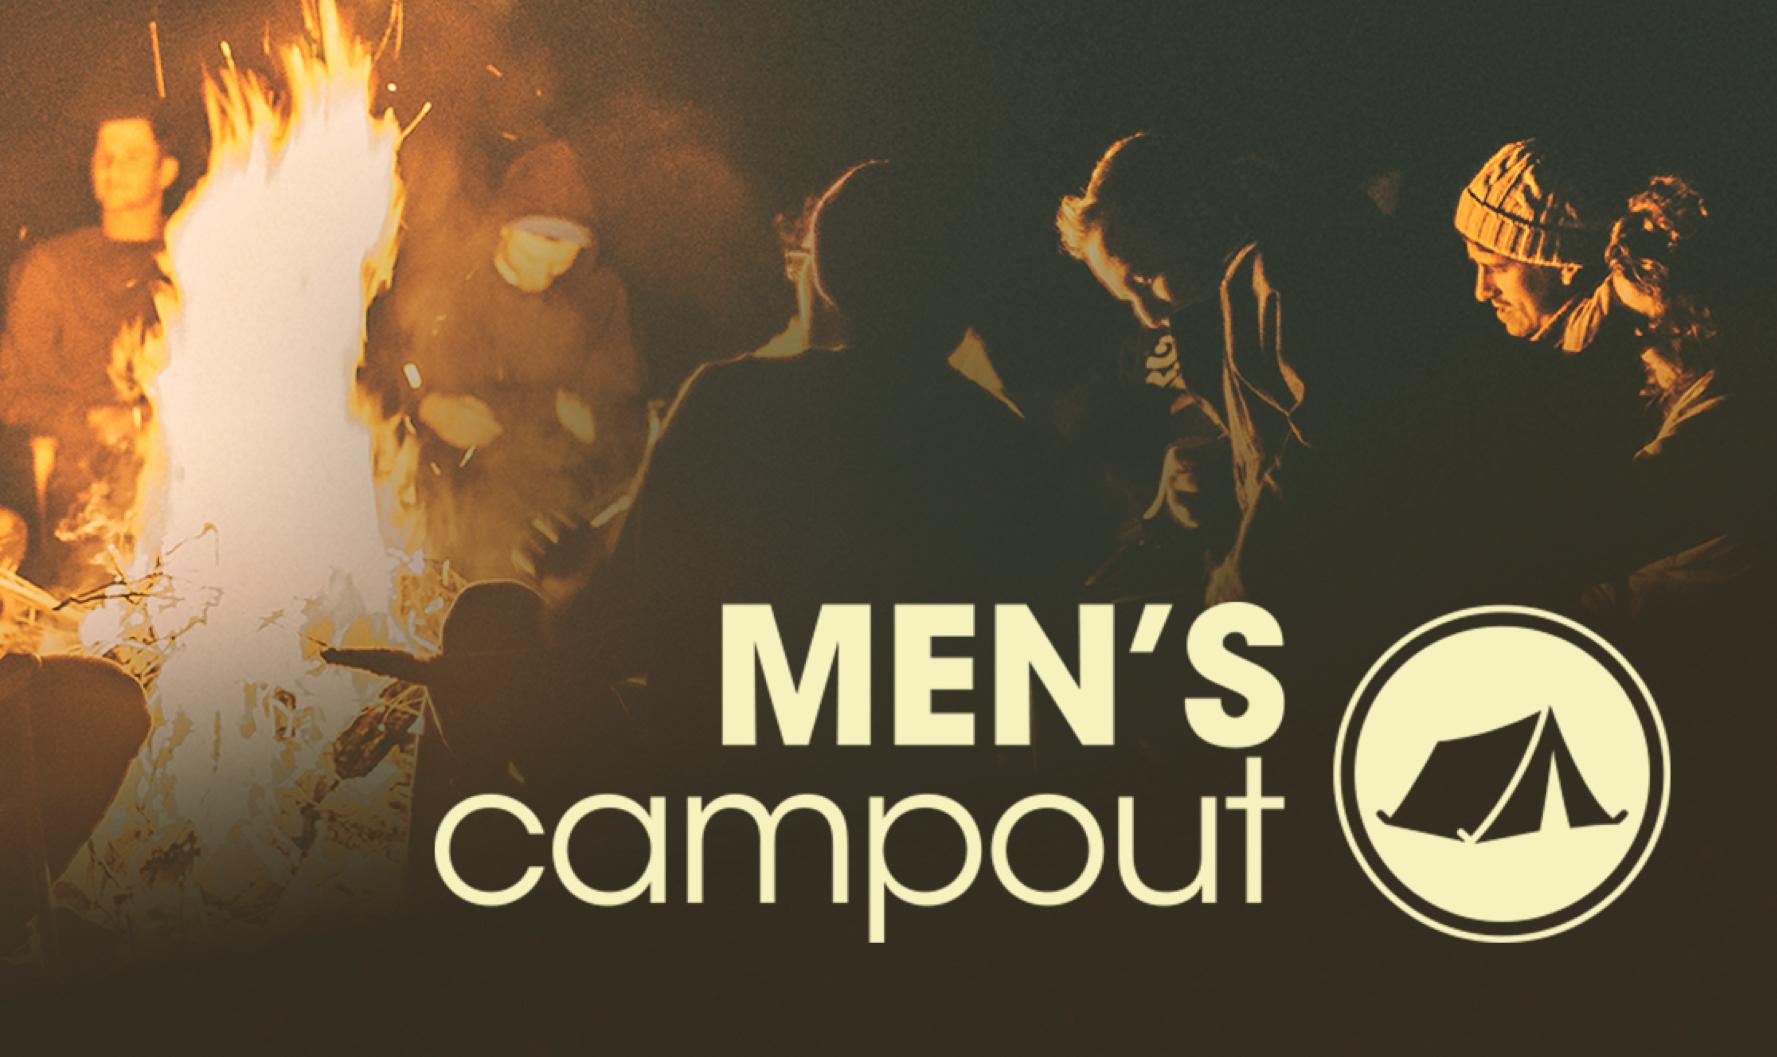 Men s campout